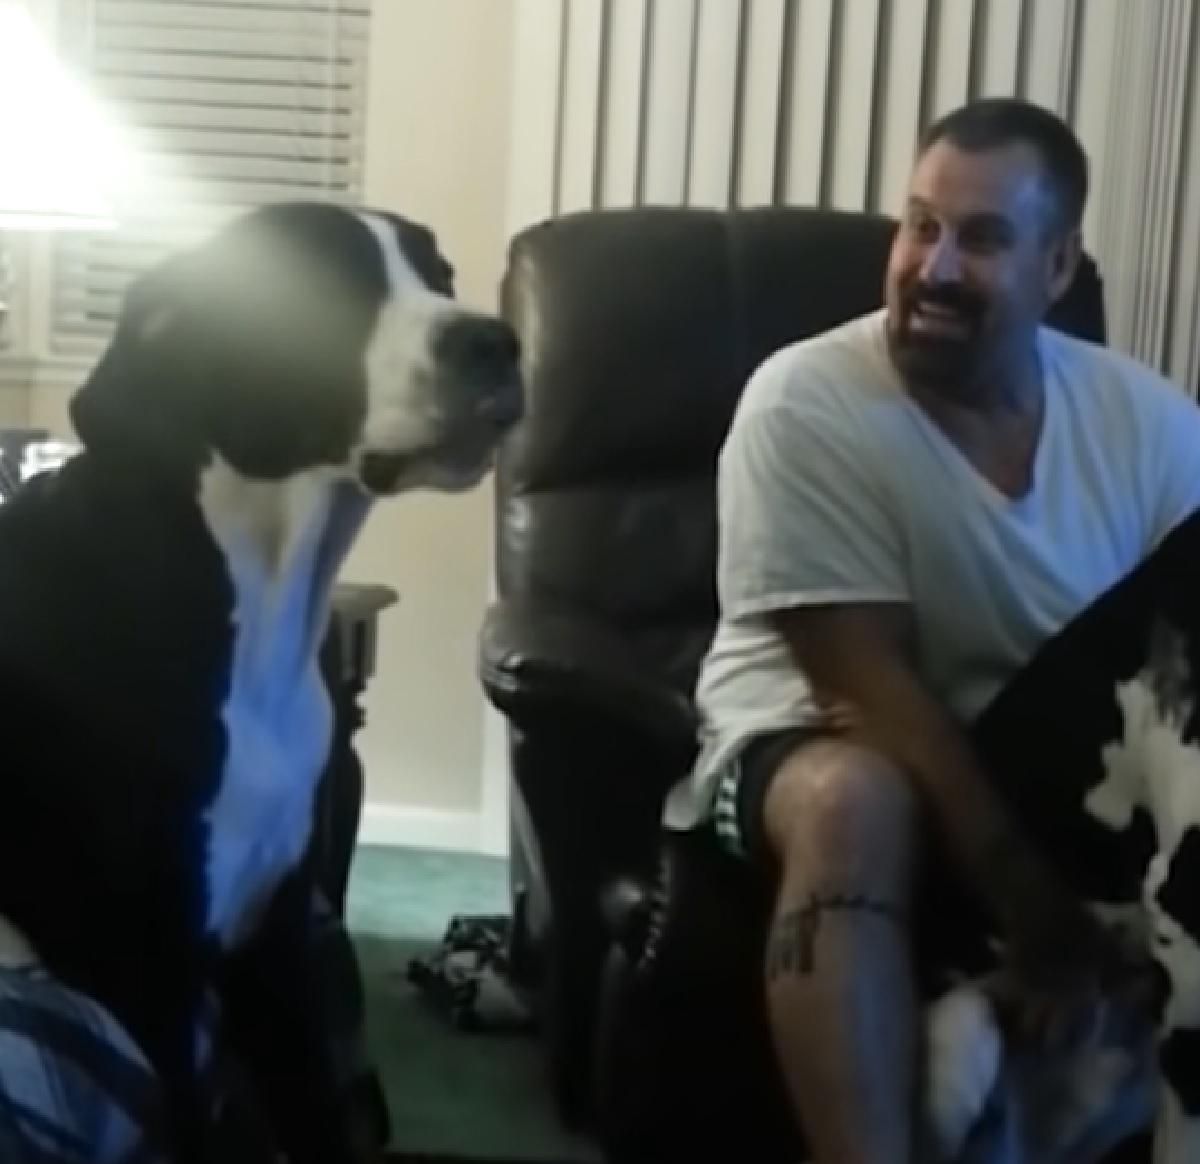 Il cucciolo Alano vuole le coccole tutte per lui, nel video manifesta tutta la sua gelosia